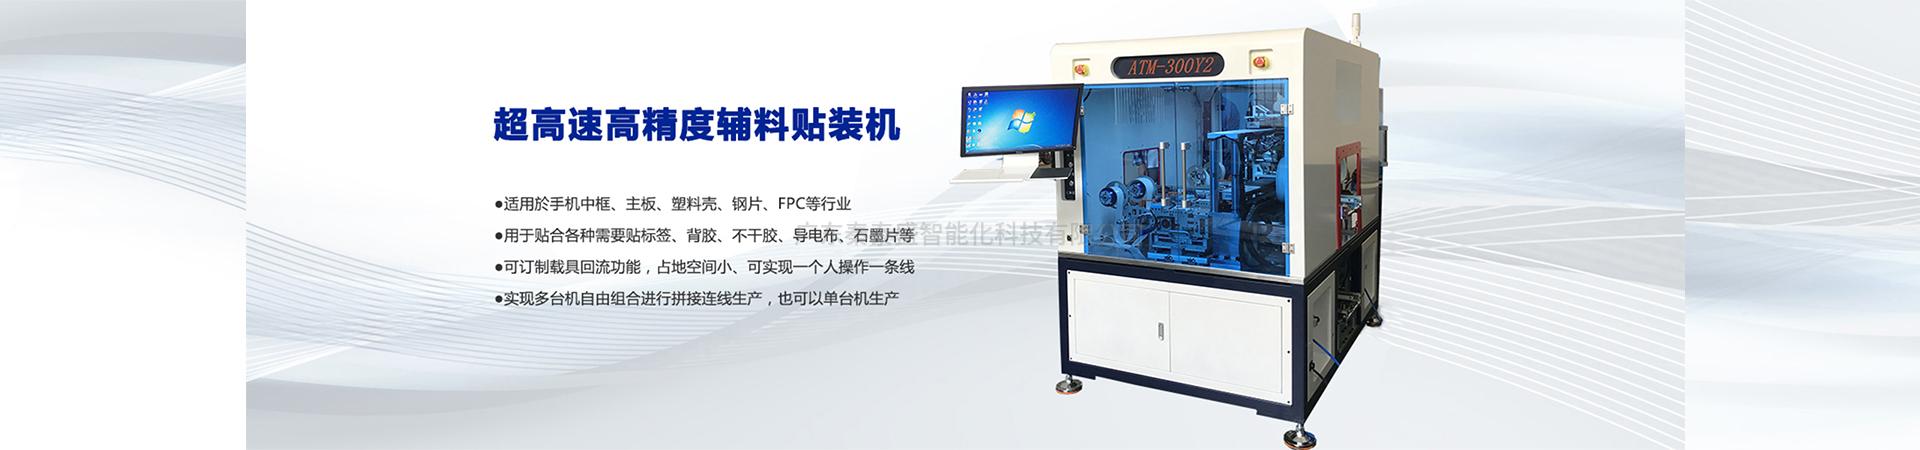 从贴标机的变化看中国自动化的发展趋势